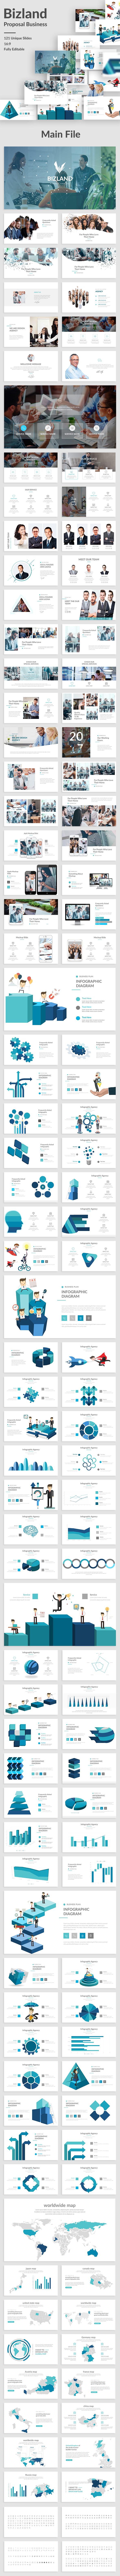 Bizland Business Powerpoint Template - Business PowerPoint Templates